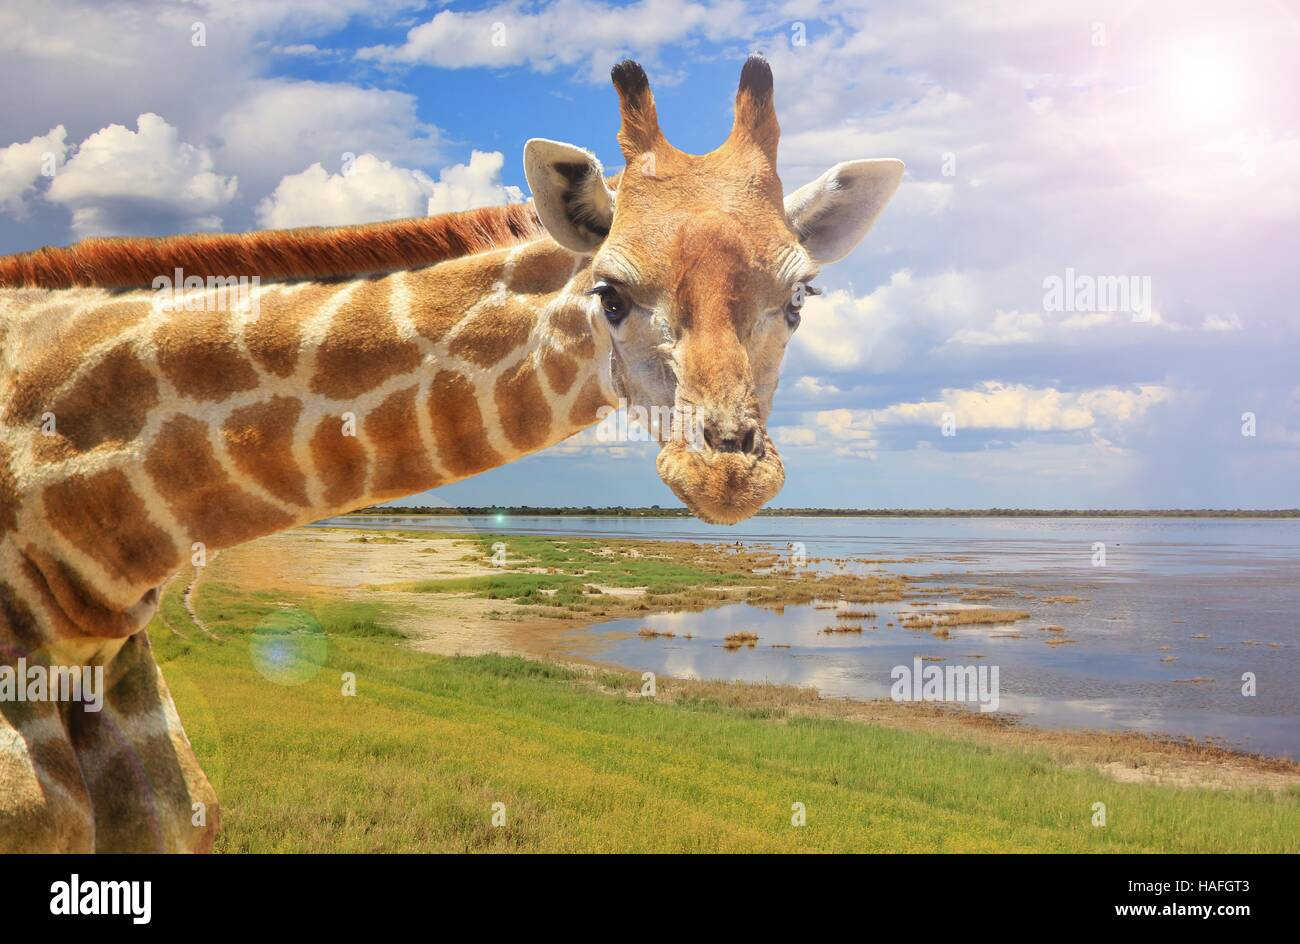 Giraffa - fauna africana nel selvaggio - Immagini Stock